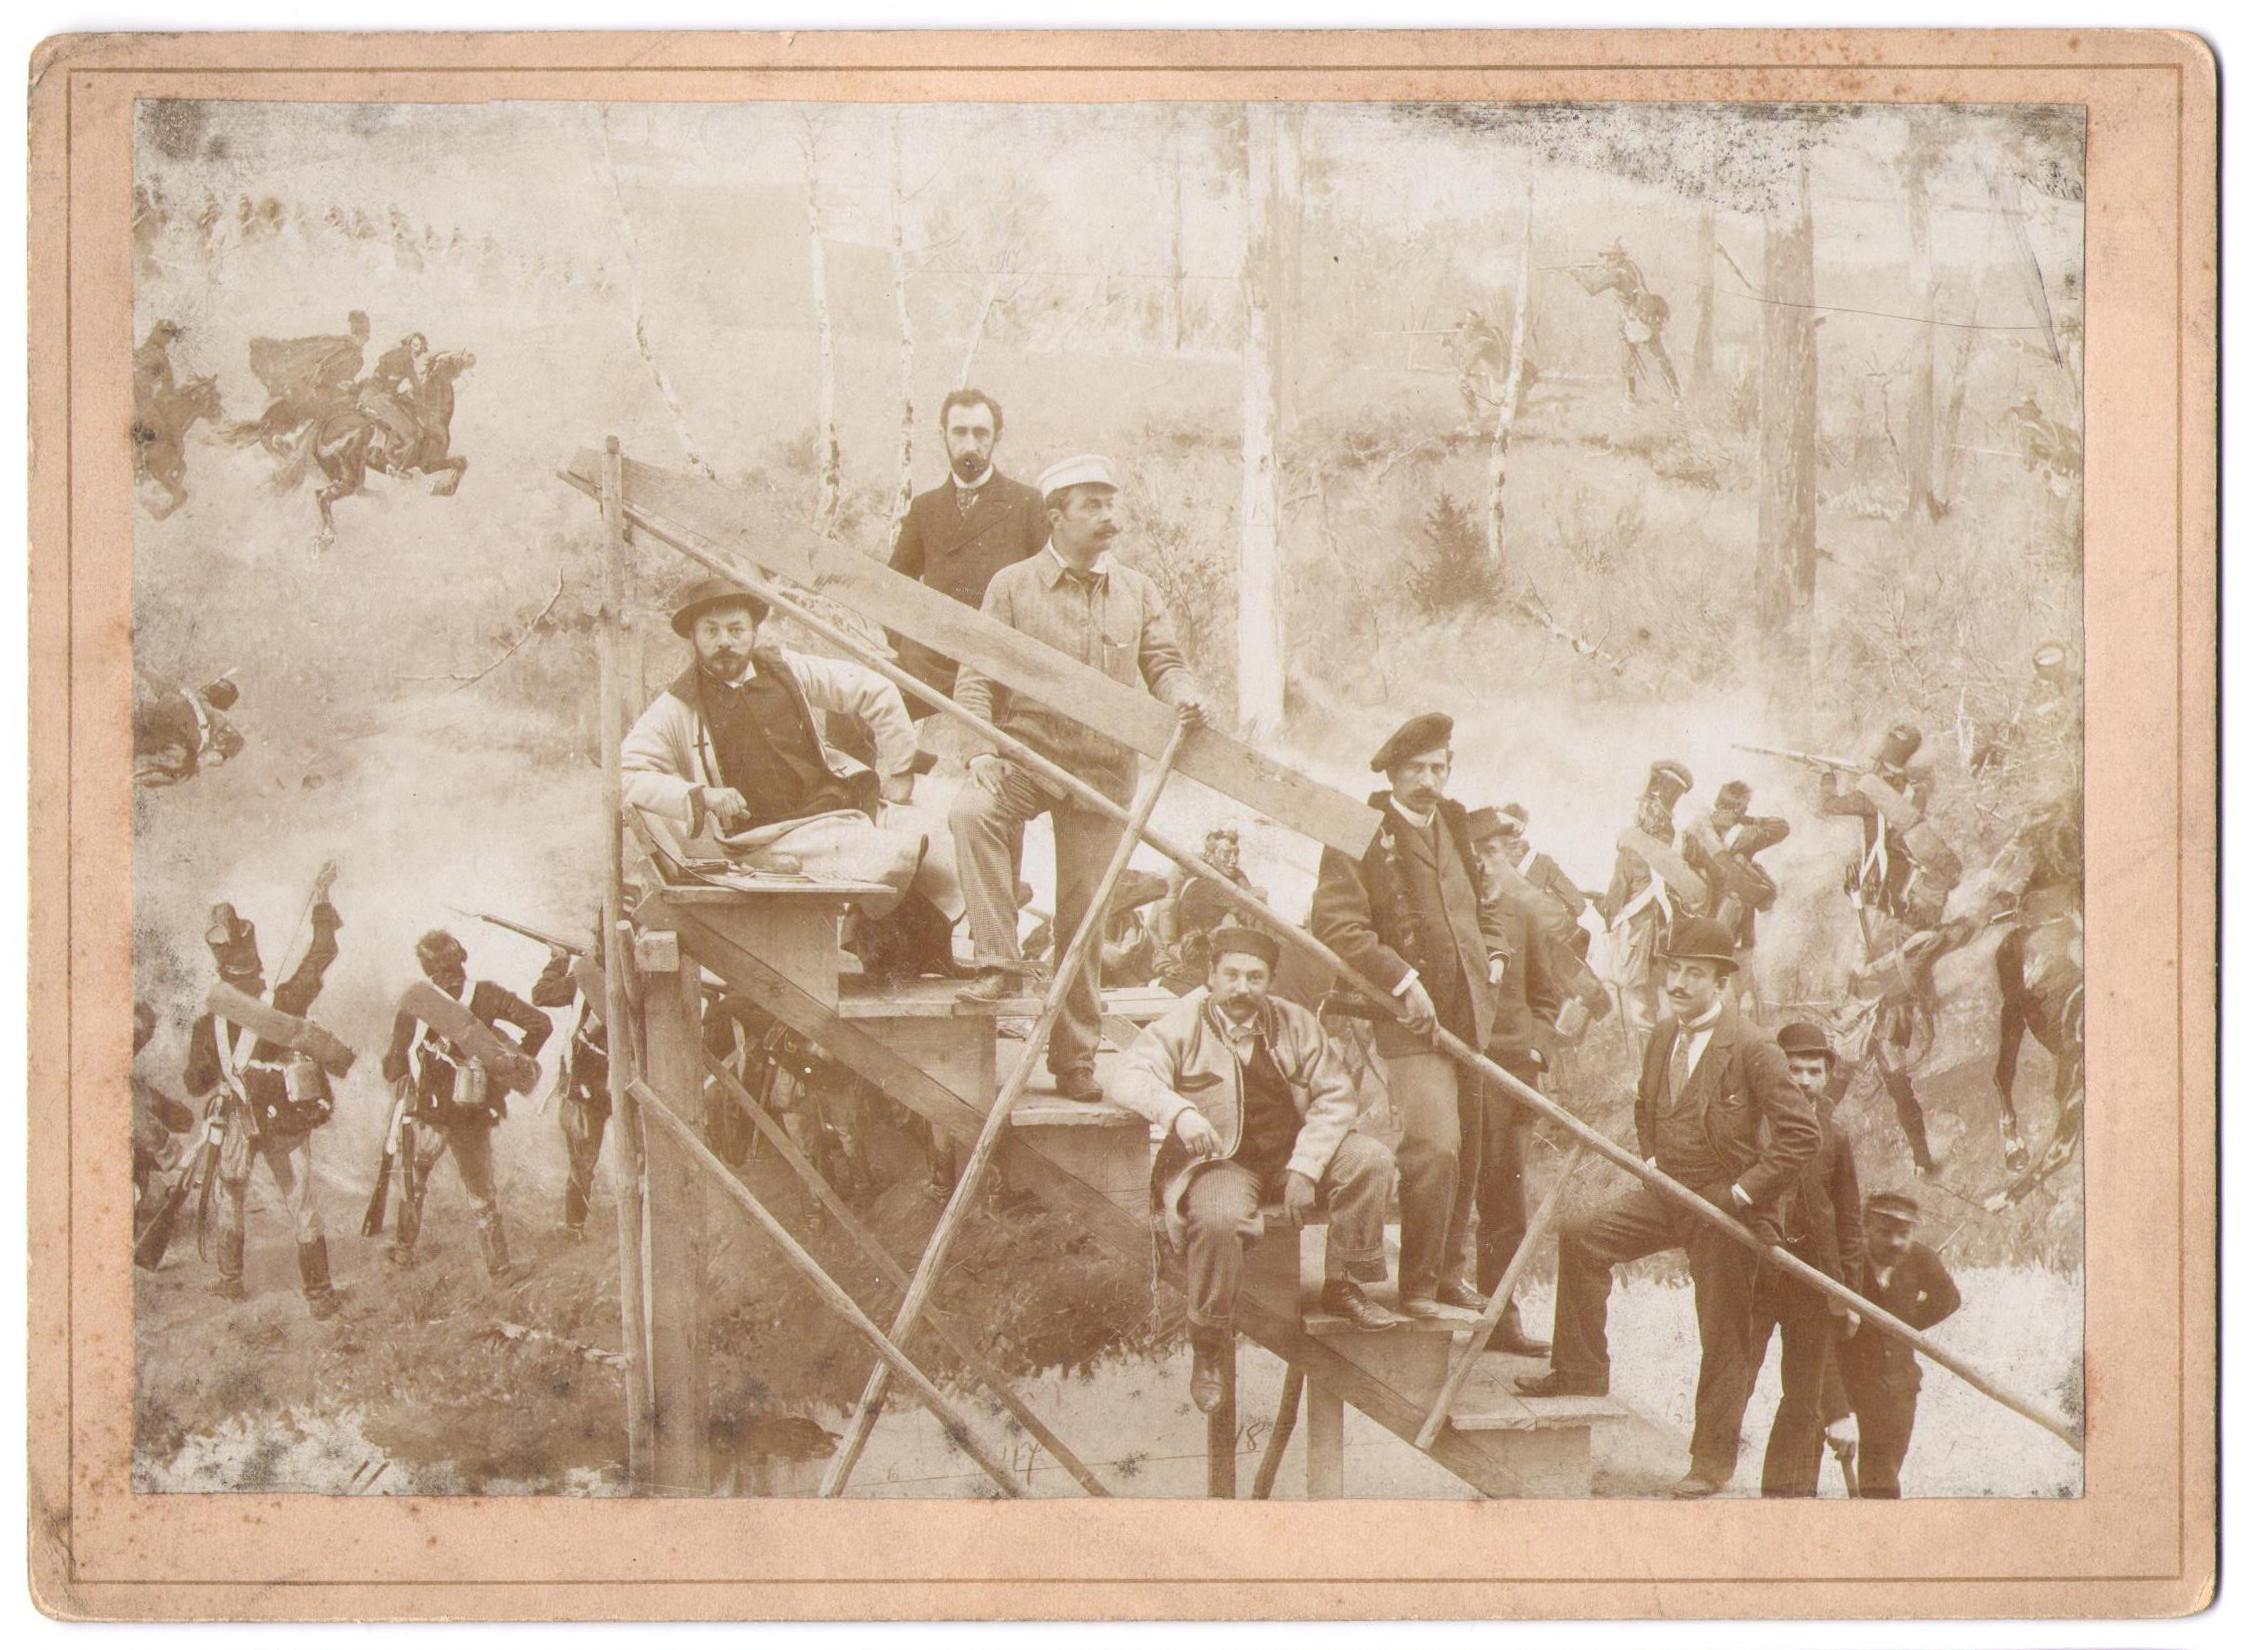 """Twórcy """"Panoramy Racławickiej"""", u góry schodów stoją Wojciech Kossak i Teodor Axentowicz, ok. 1894 roku źródło: Salon Dzieł Sztuki Connaisseur"""